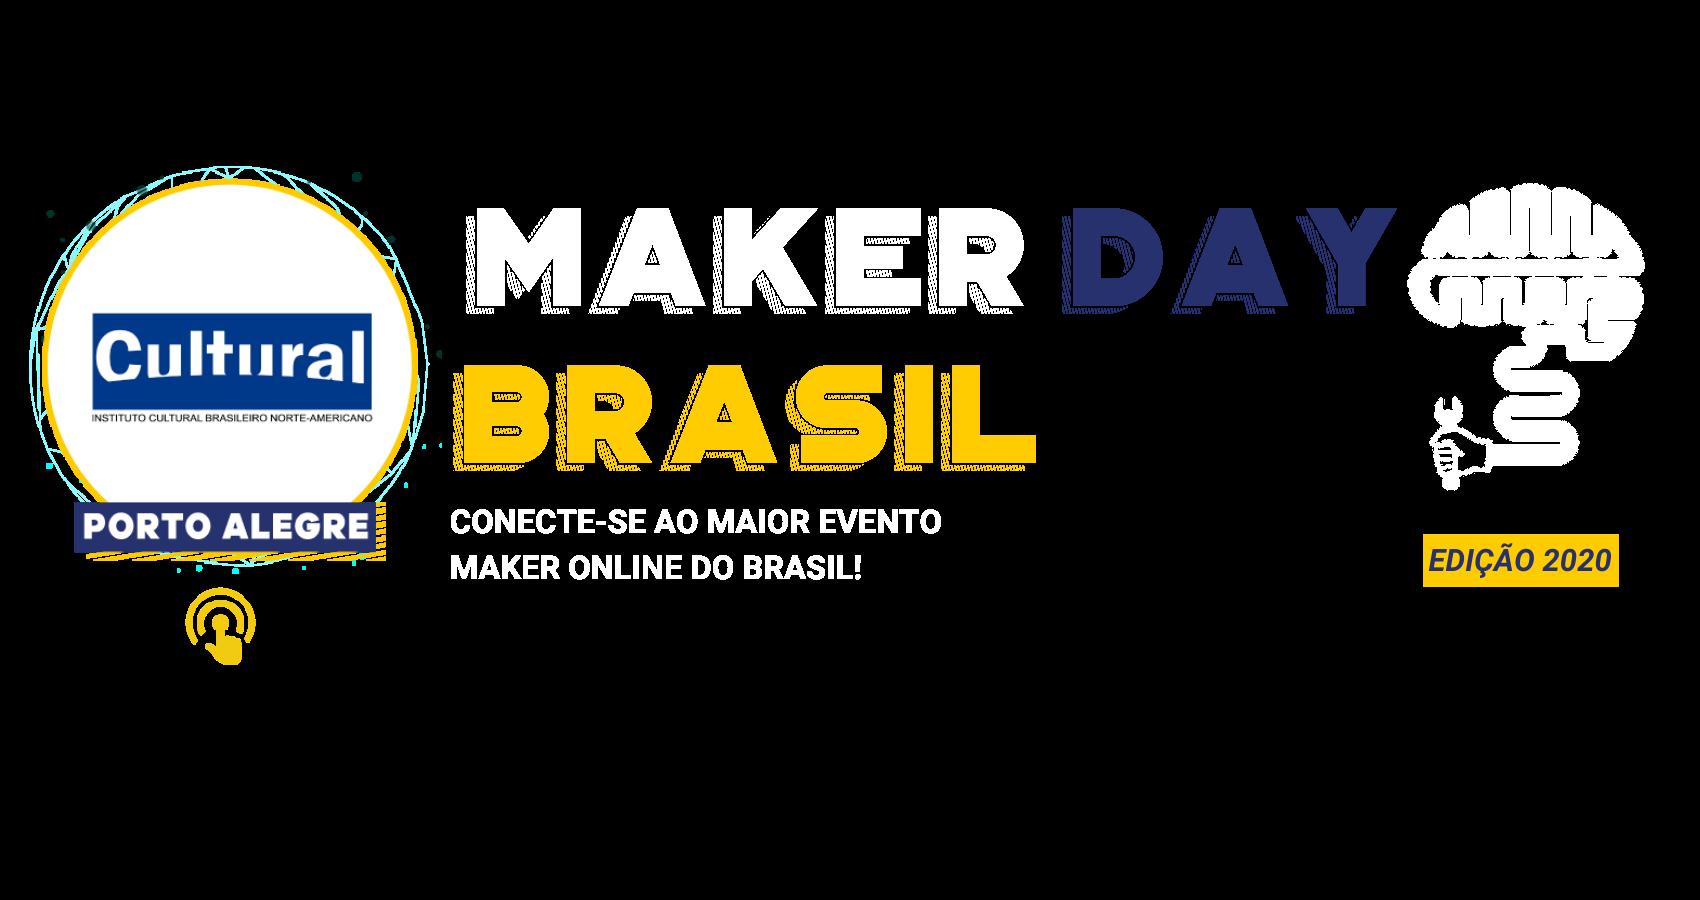 Maker Day Brasil Capa Porto Alegre